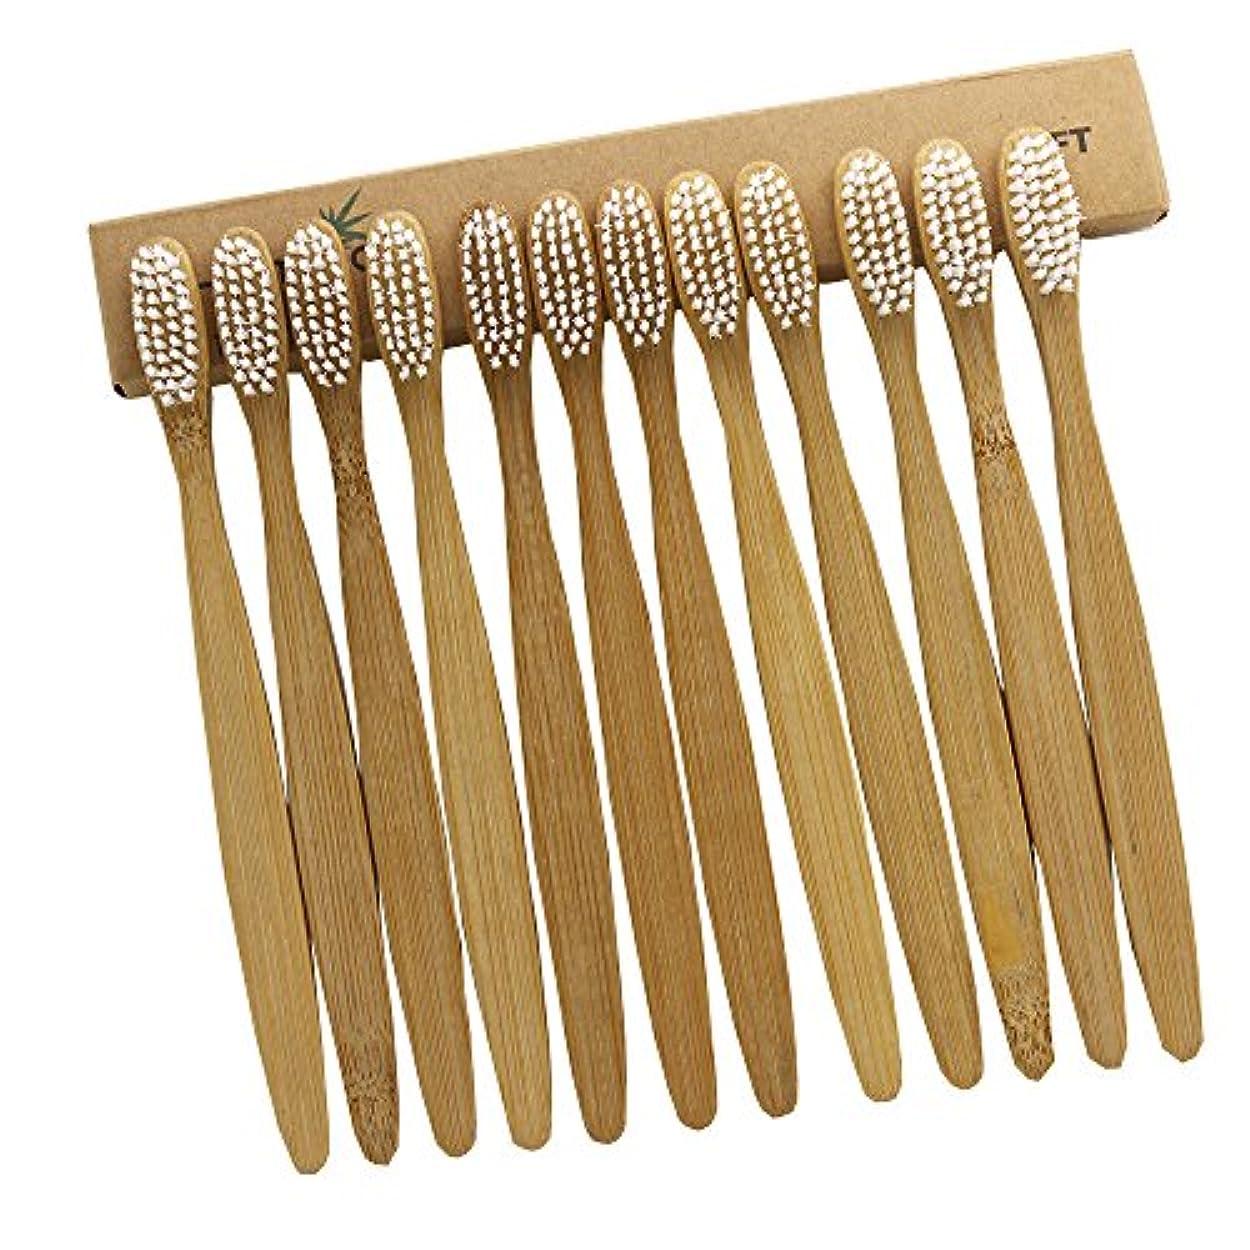 ナース独立した実際にN-amboo 竹製 歯ブラシ 高耐久性 セット エコ 軽量 12本入り セット白